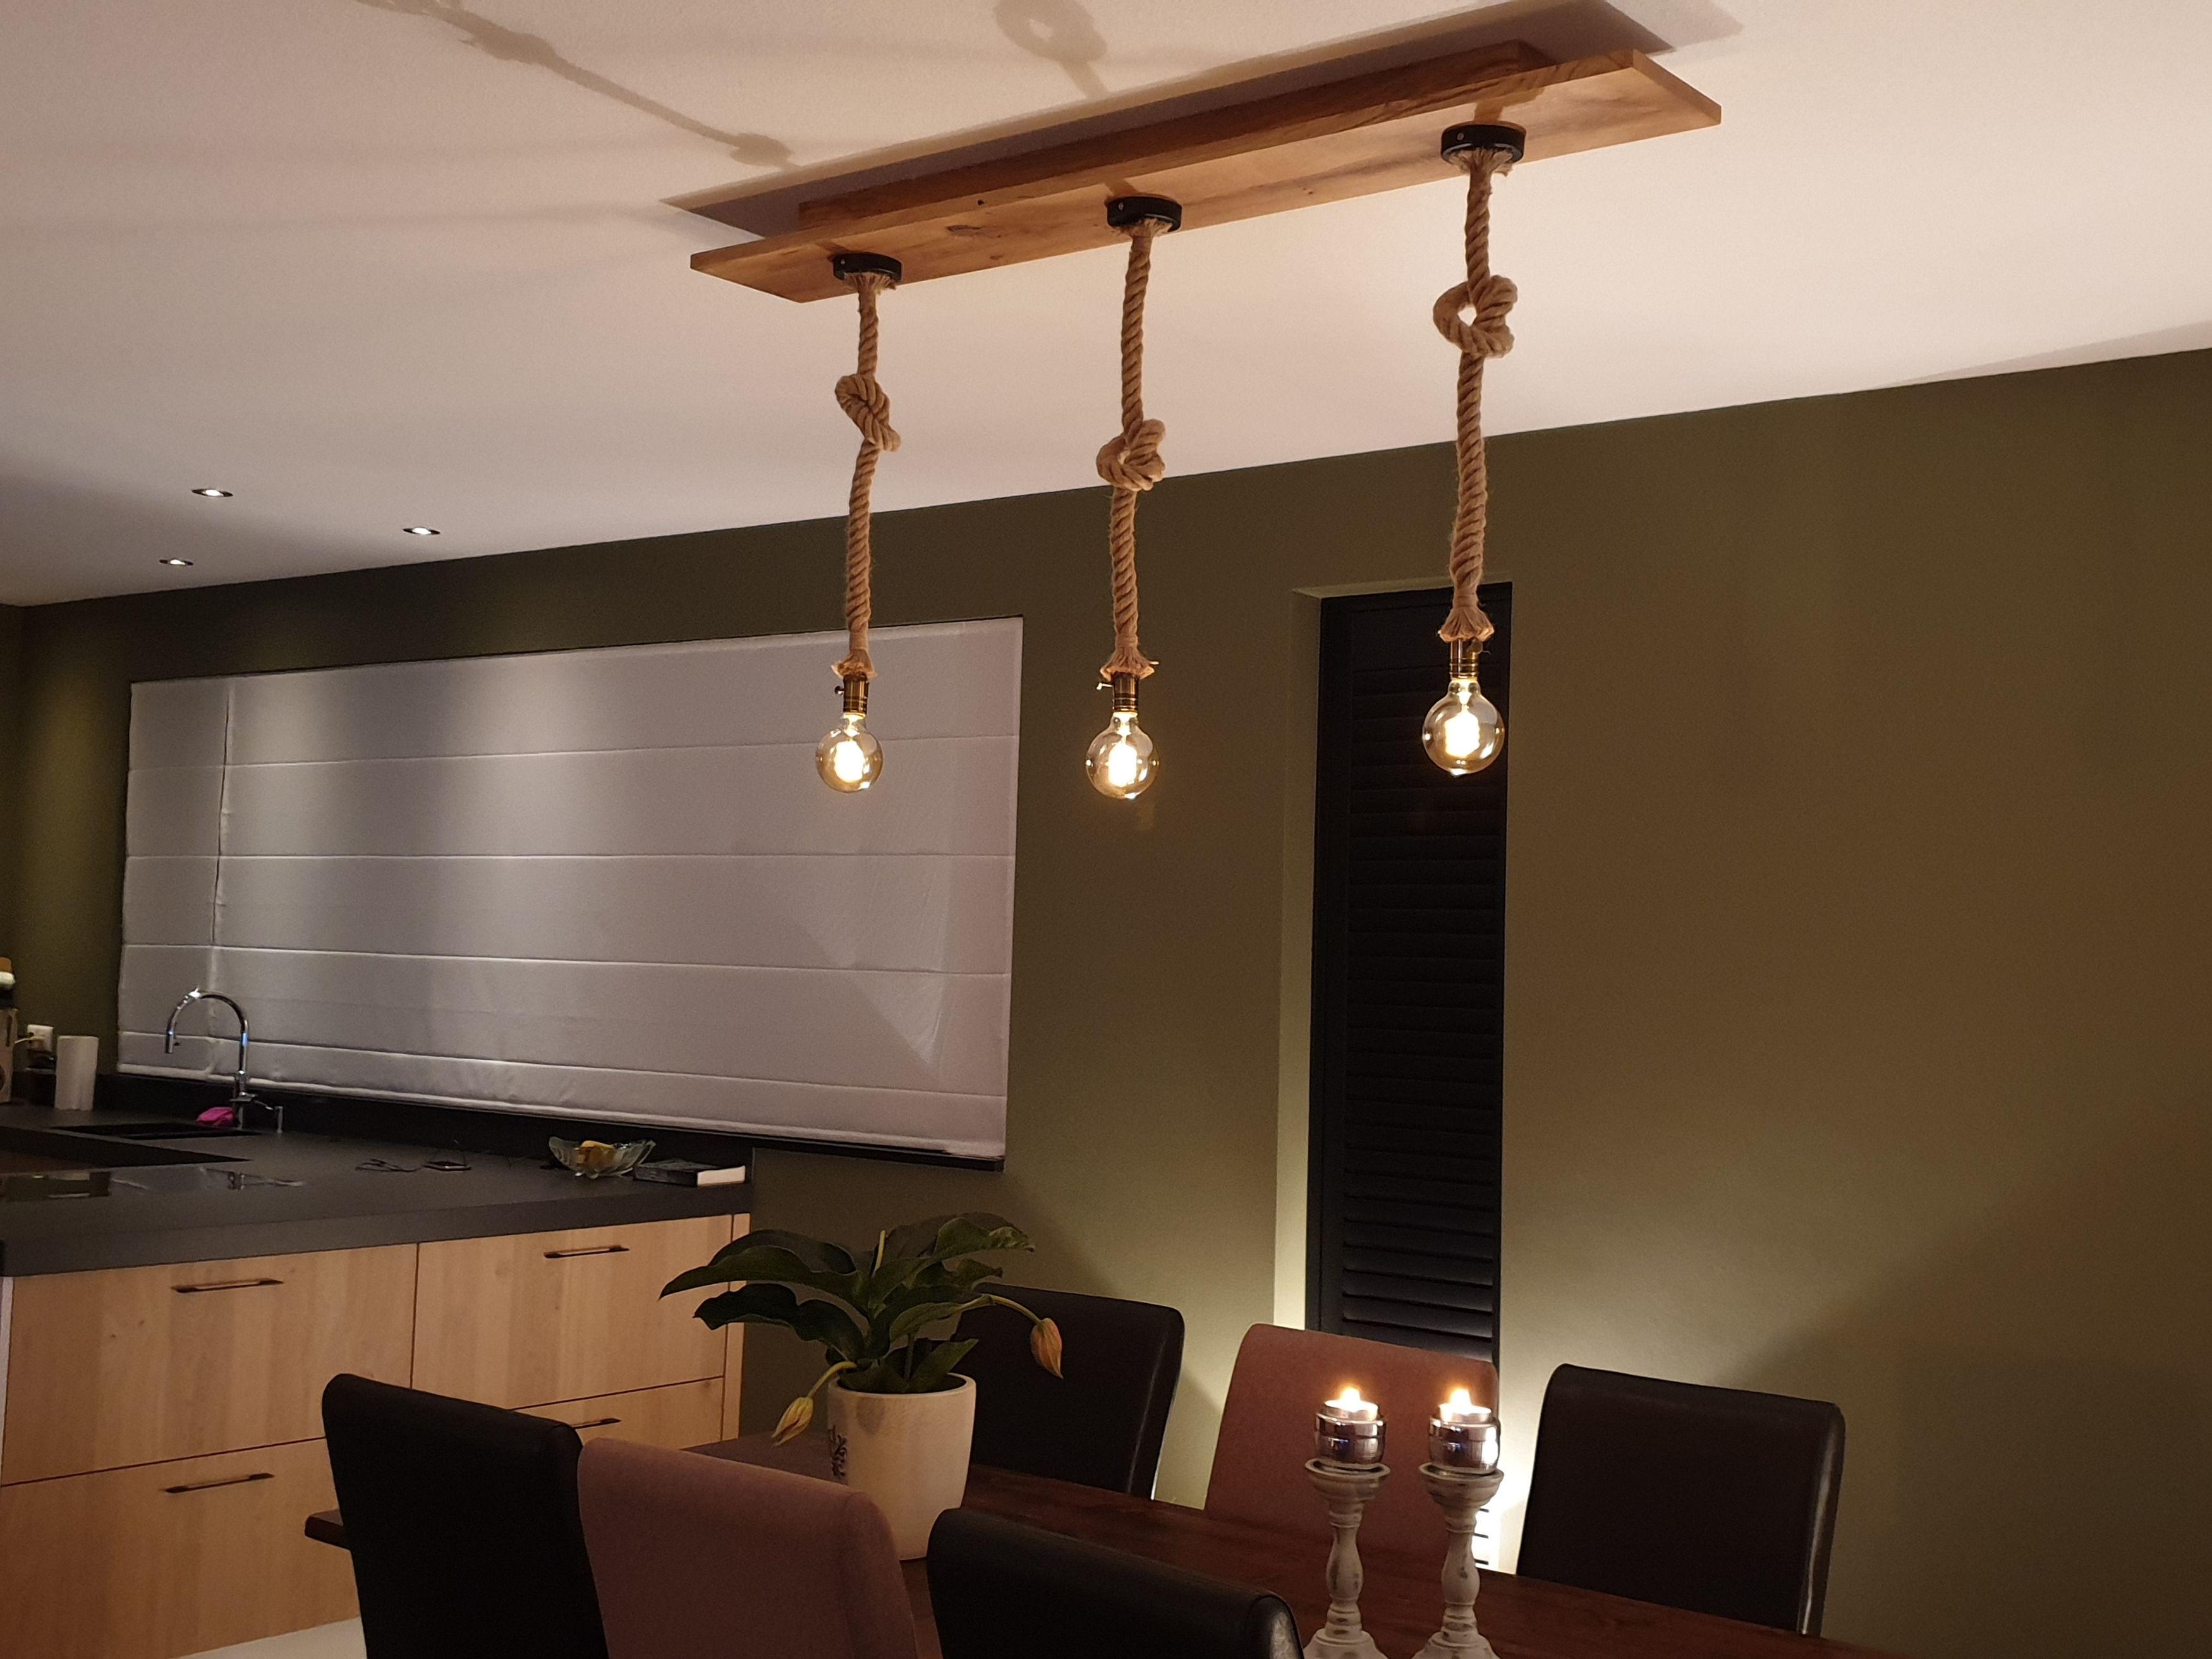 Verwonderend Robuuste lamp van geborsteld eiken WH-05